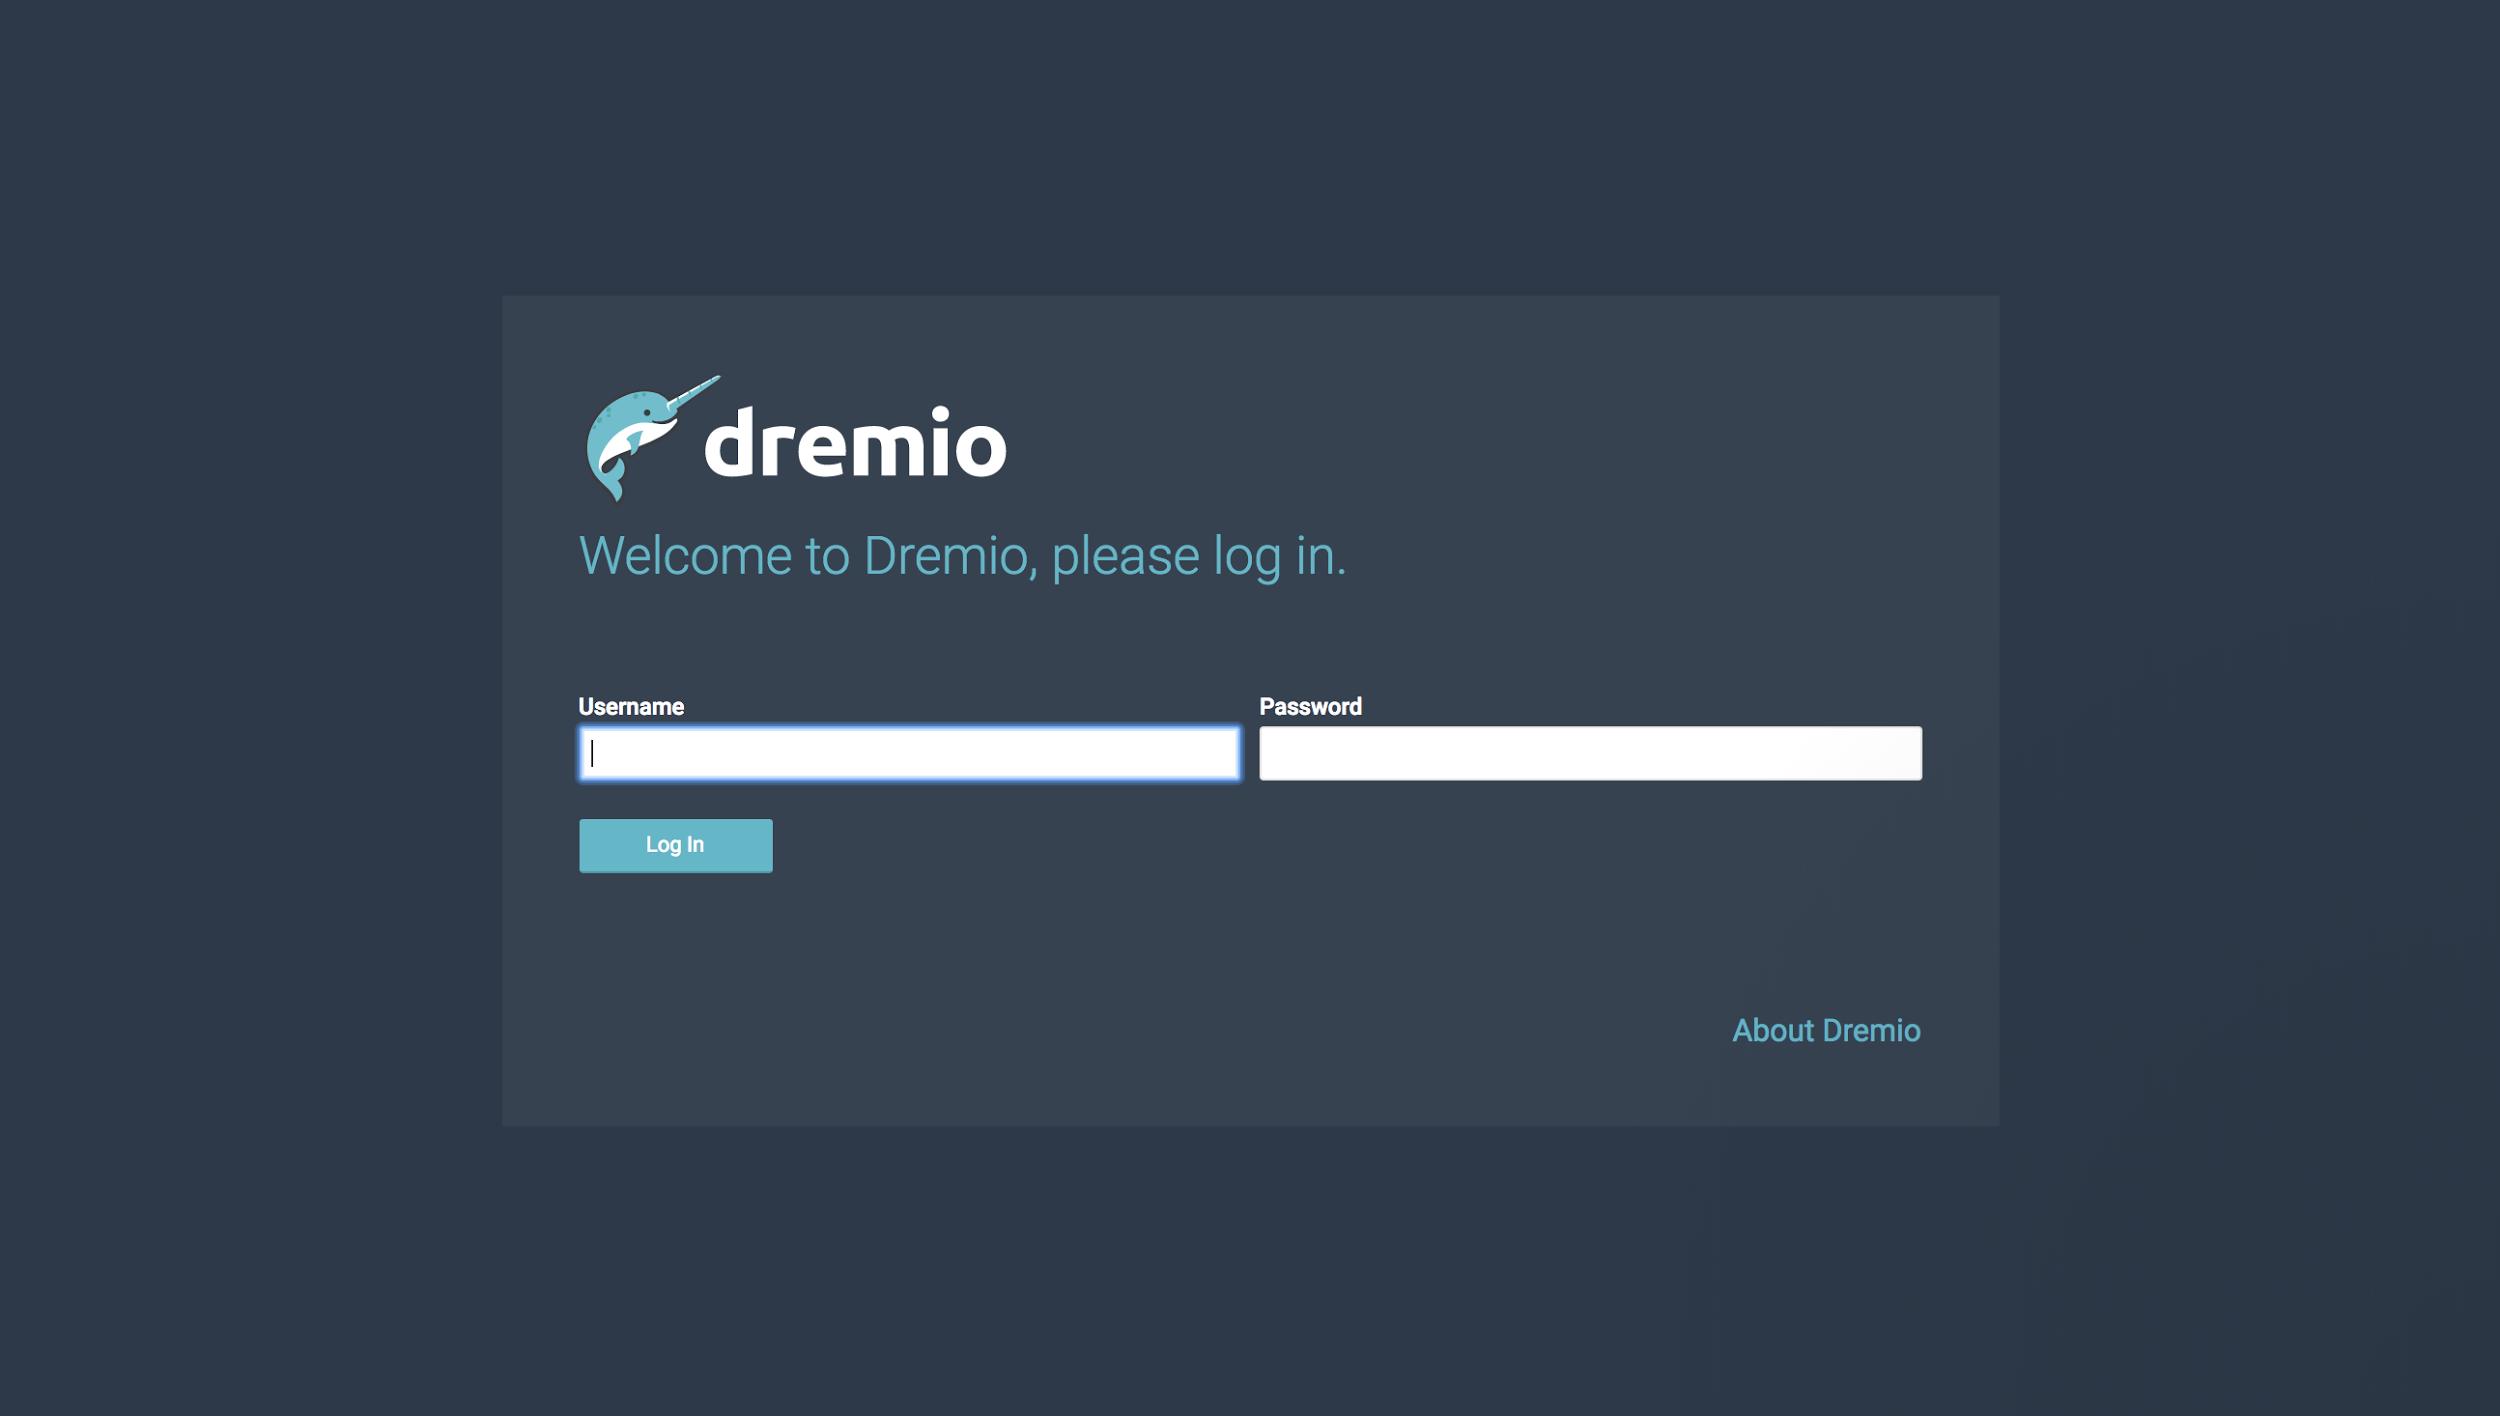 Log into Dremio